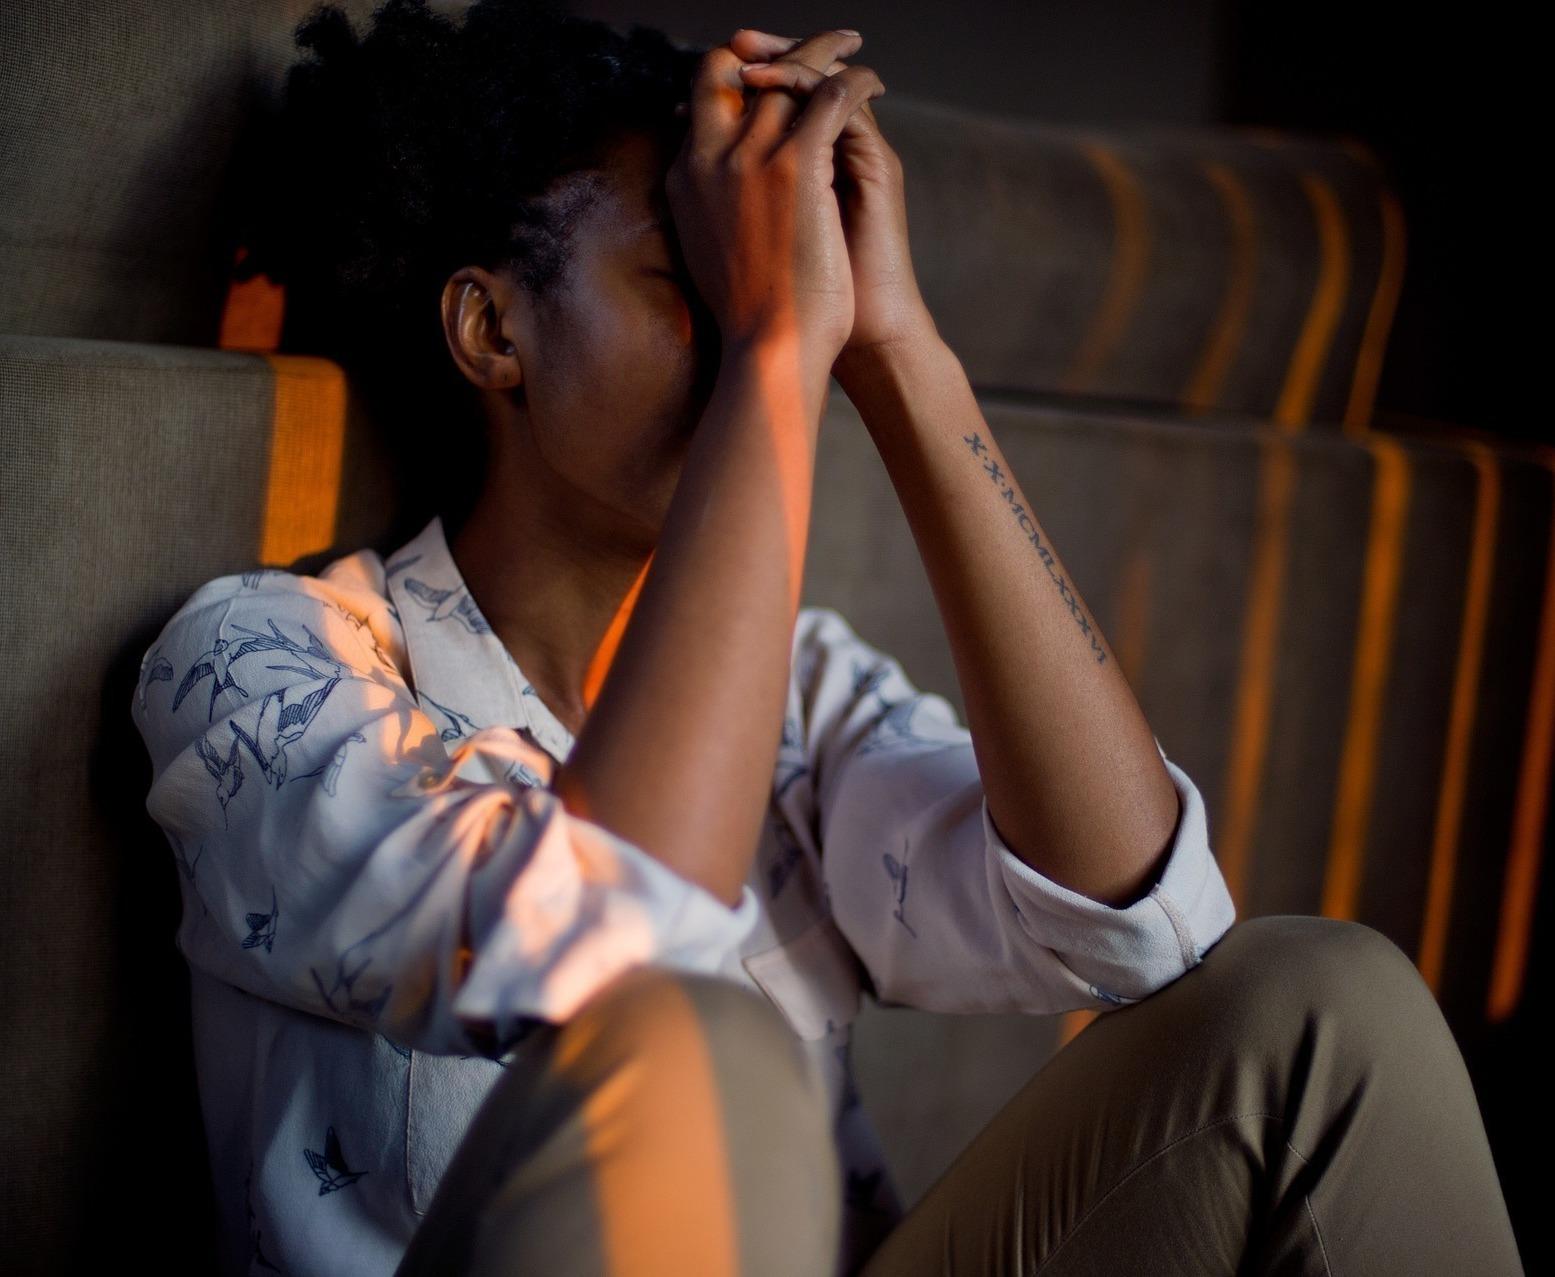 Comment le stress peut-il affecter la santé ?